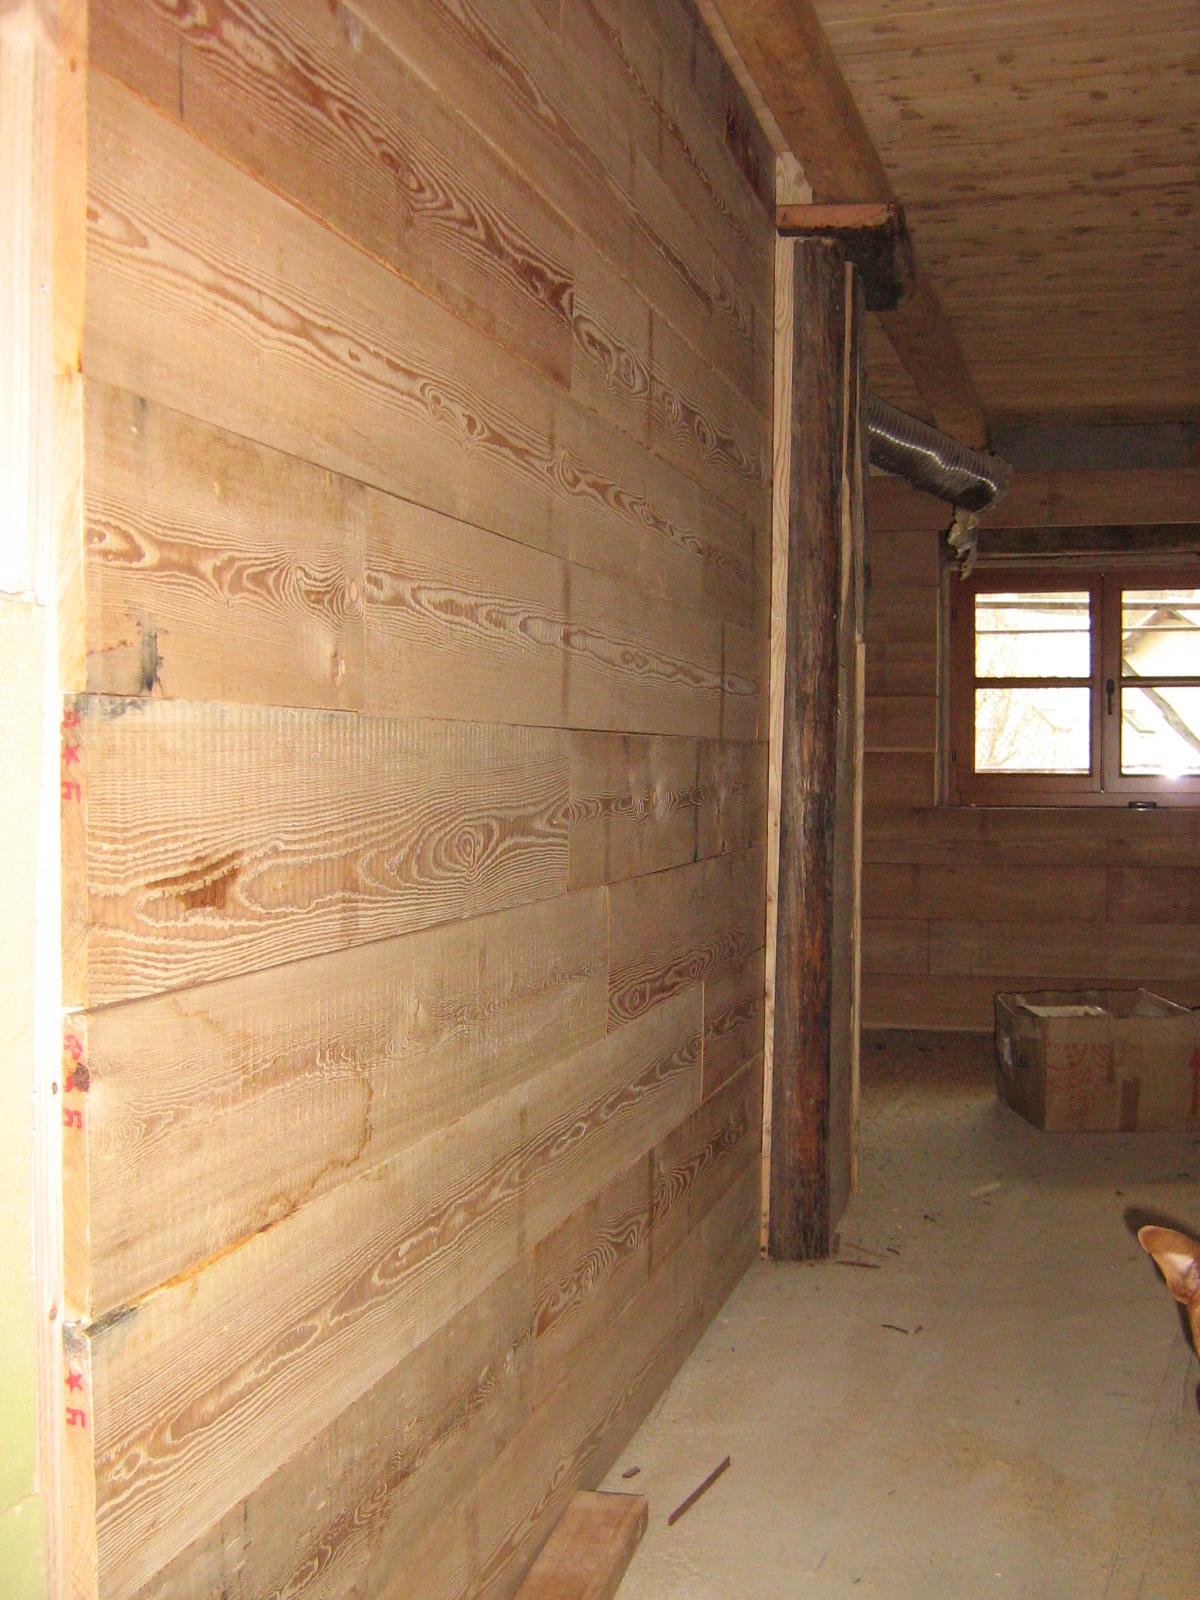 Fuoco ferro legno interni della grangia - Rivestimenti in legno per interni ...